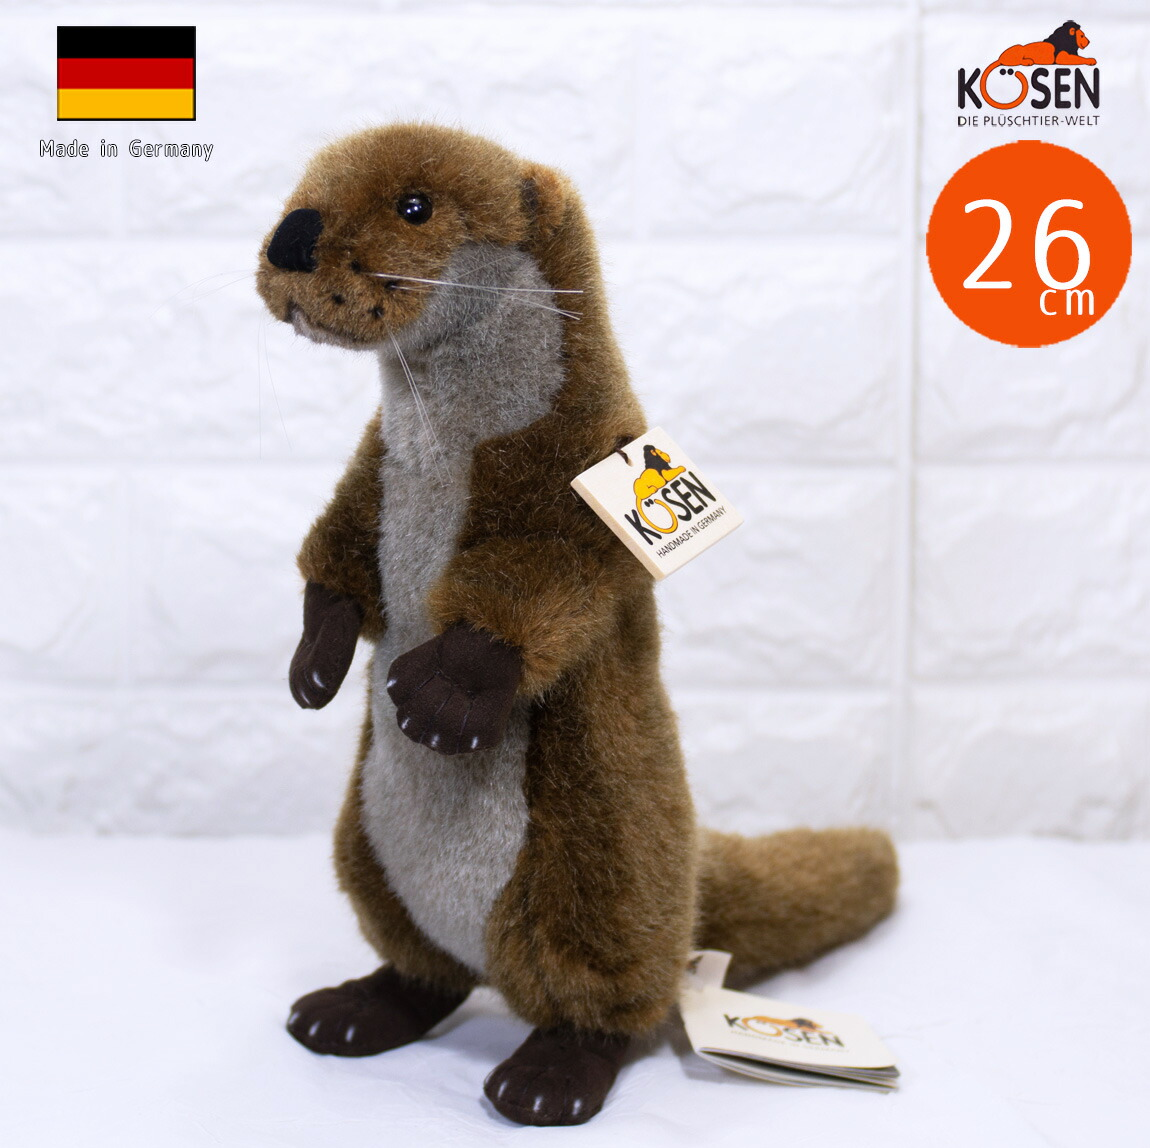 """ケーセン ぬいぐるみ kosen ヨーロッパカワウソ(小) 立ち 26cm """"Otti"""" Otter リアル 動物 コツメカワウソ"""